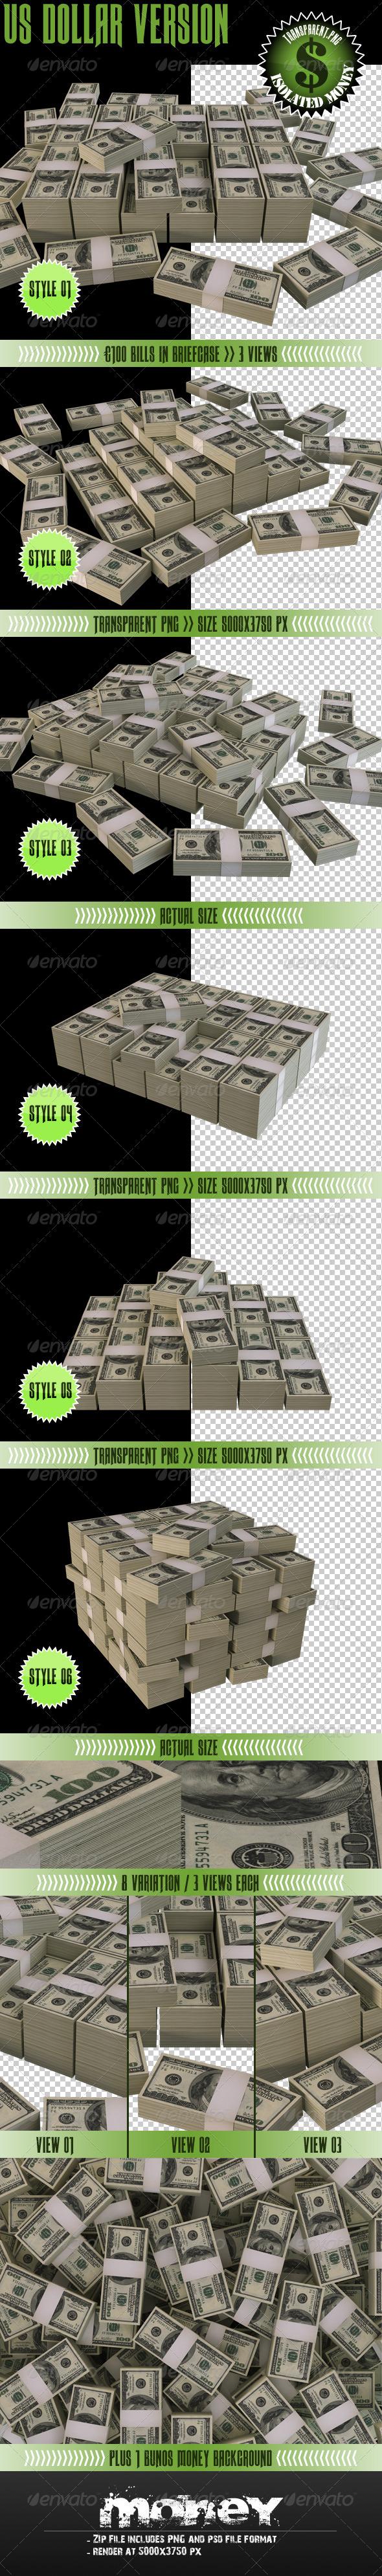 Money - Objects 3D Renders